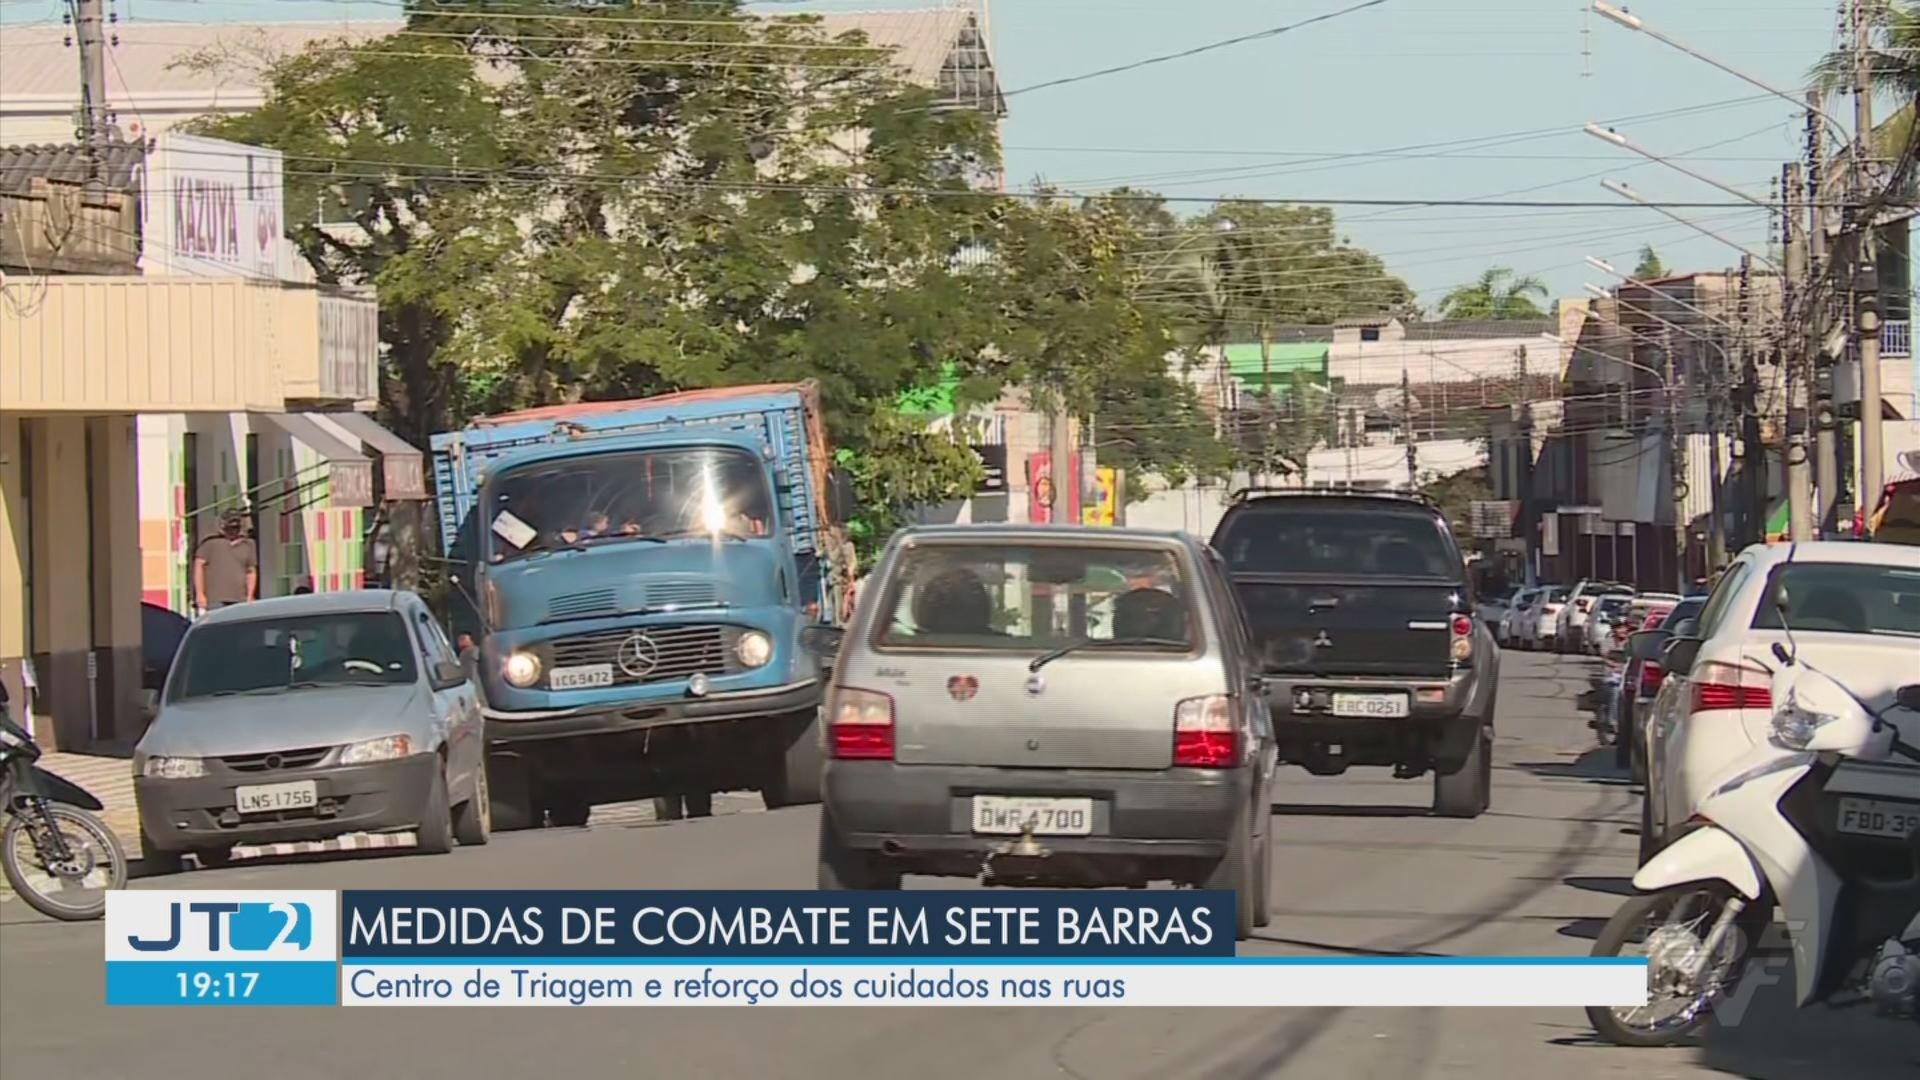 VÍDEOS: Jornal da Tribuna 2ª Edição de terça-feira, 26 de maio